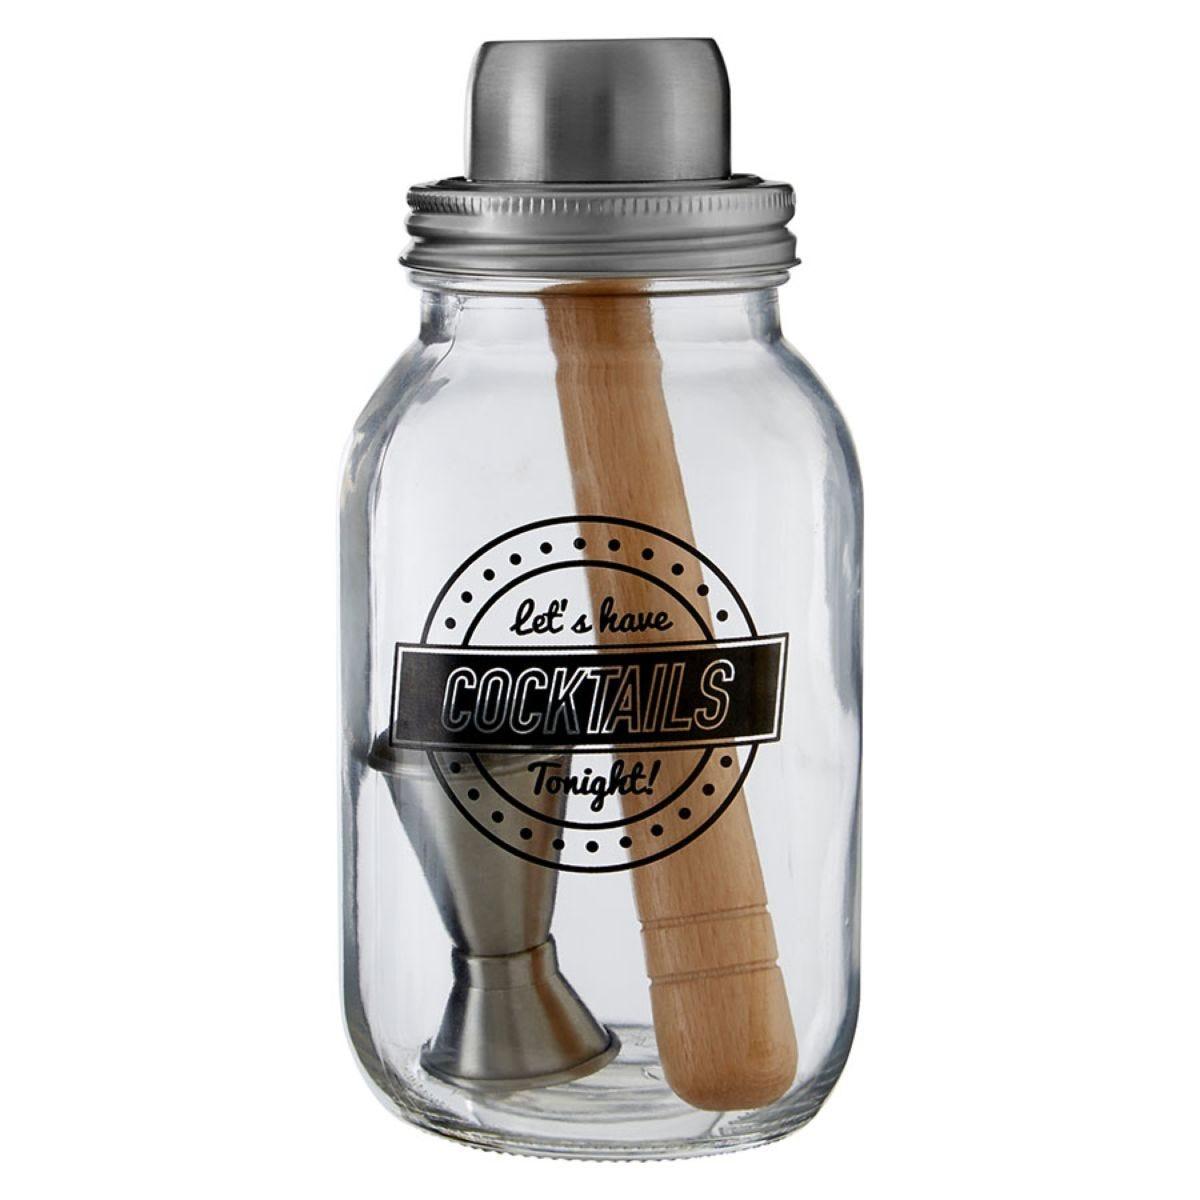 Premier Housewares Let's Have Cocktails Jar - 3 Piece